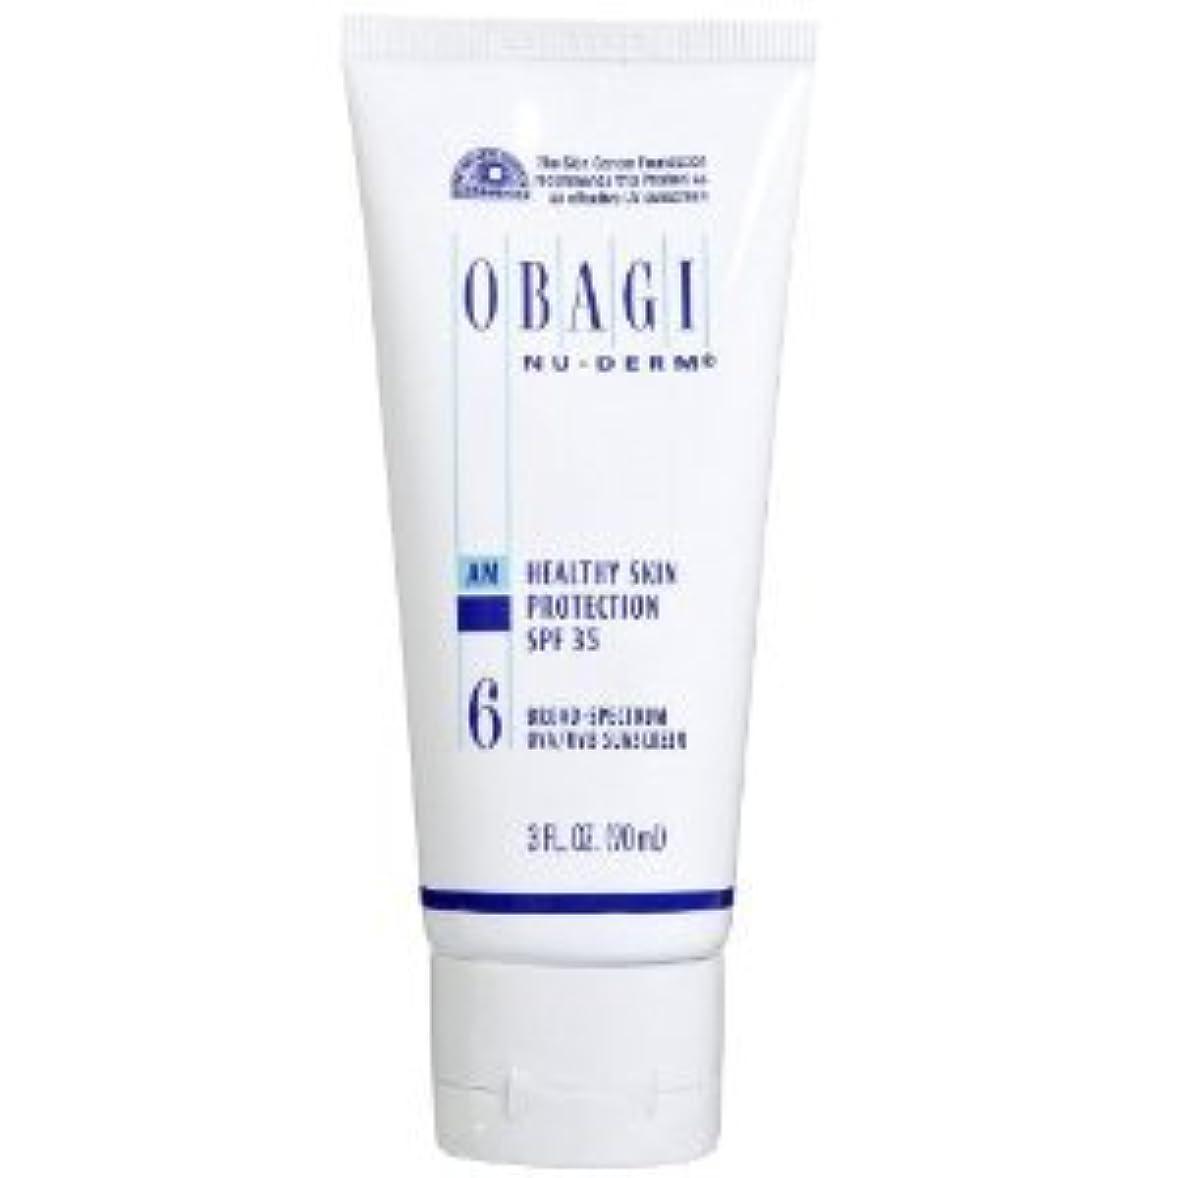 危険にさらされているピル輪郭オバジ ニューダーム スキンプロテクション サンスクリーン(SPF35) Obagi Nu-Derm Healthy Skin Protection SPF 35 Sunscreens